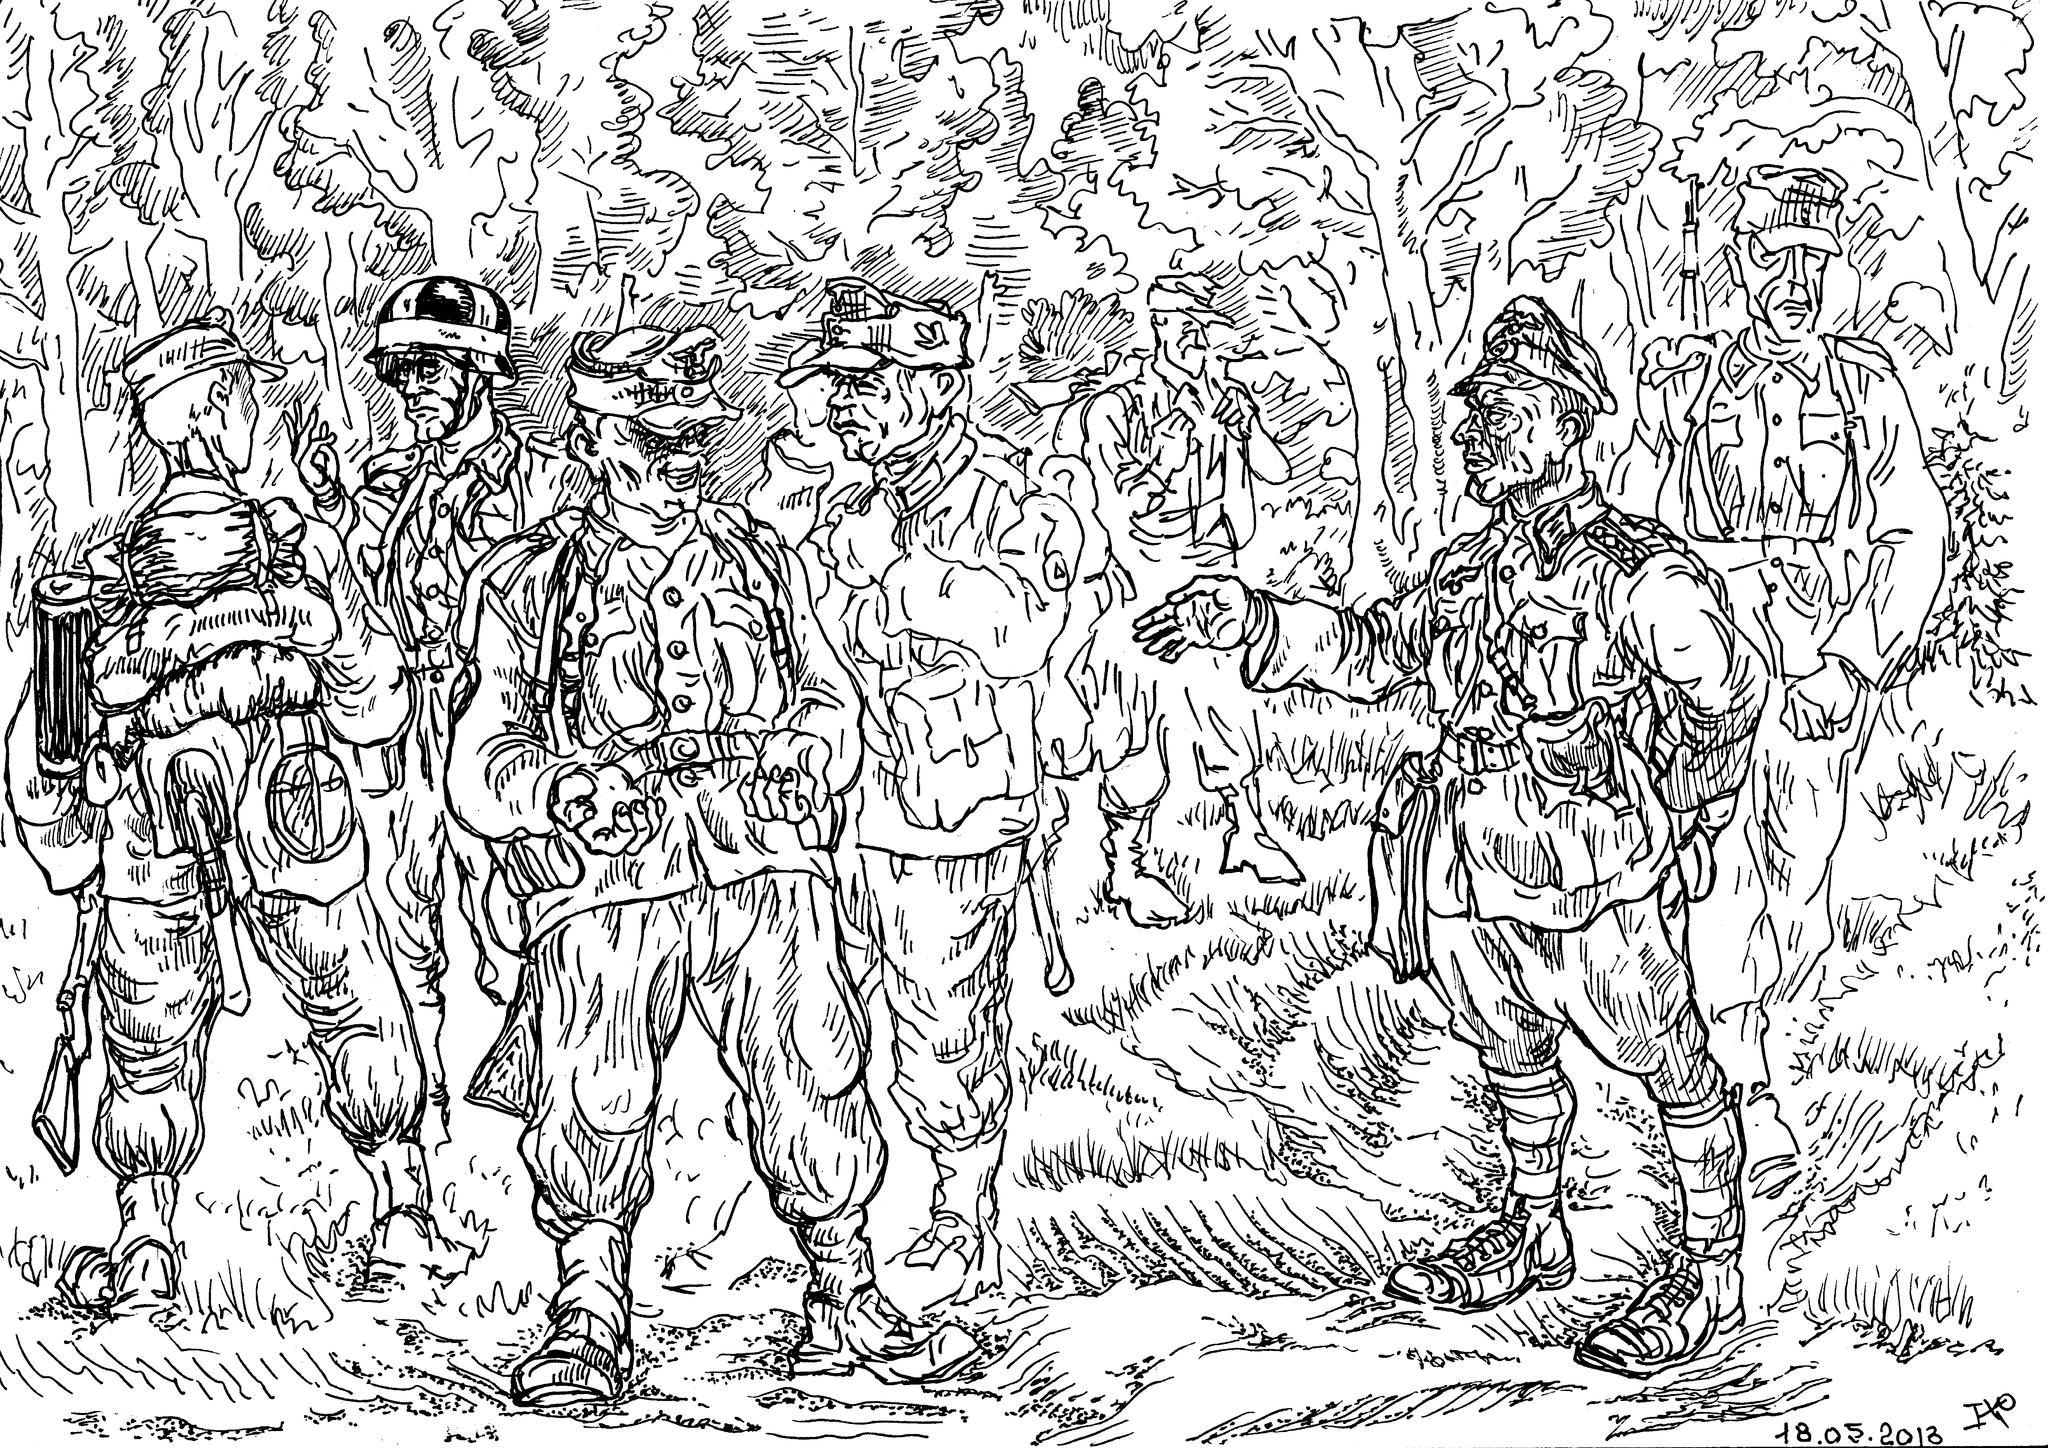 Егеря — лёгкая пехота, обученная ведению боевых действий в лесистой местности, выживанию в труднодоступной местности